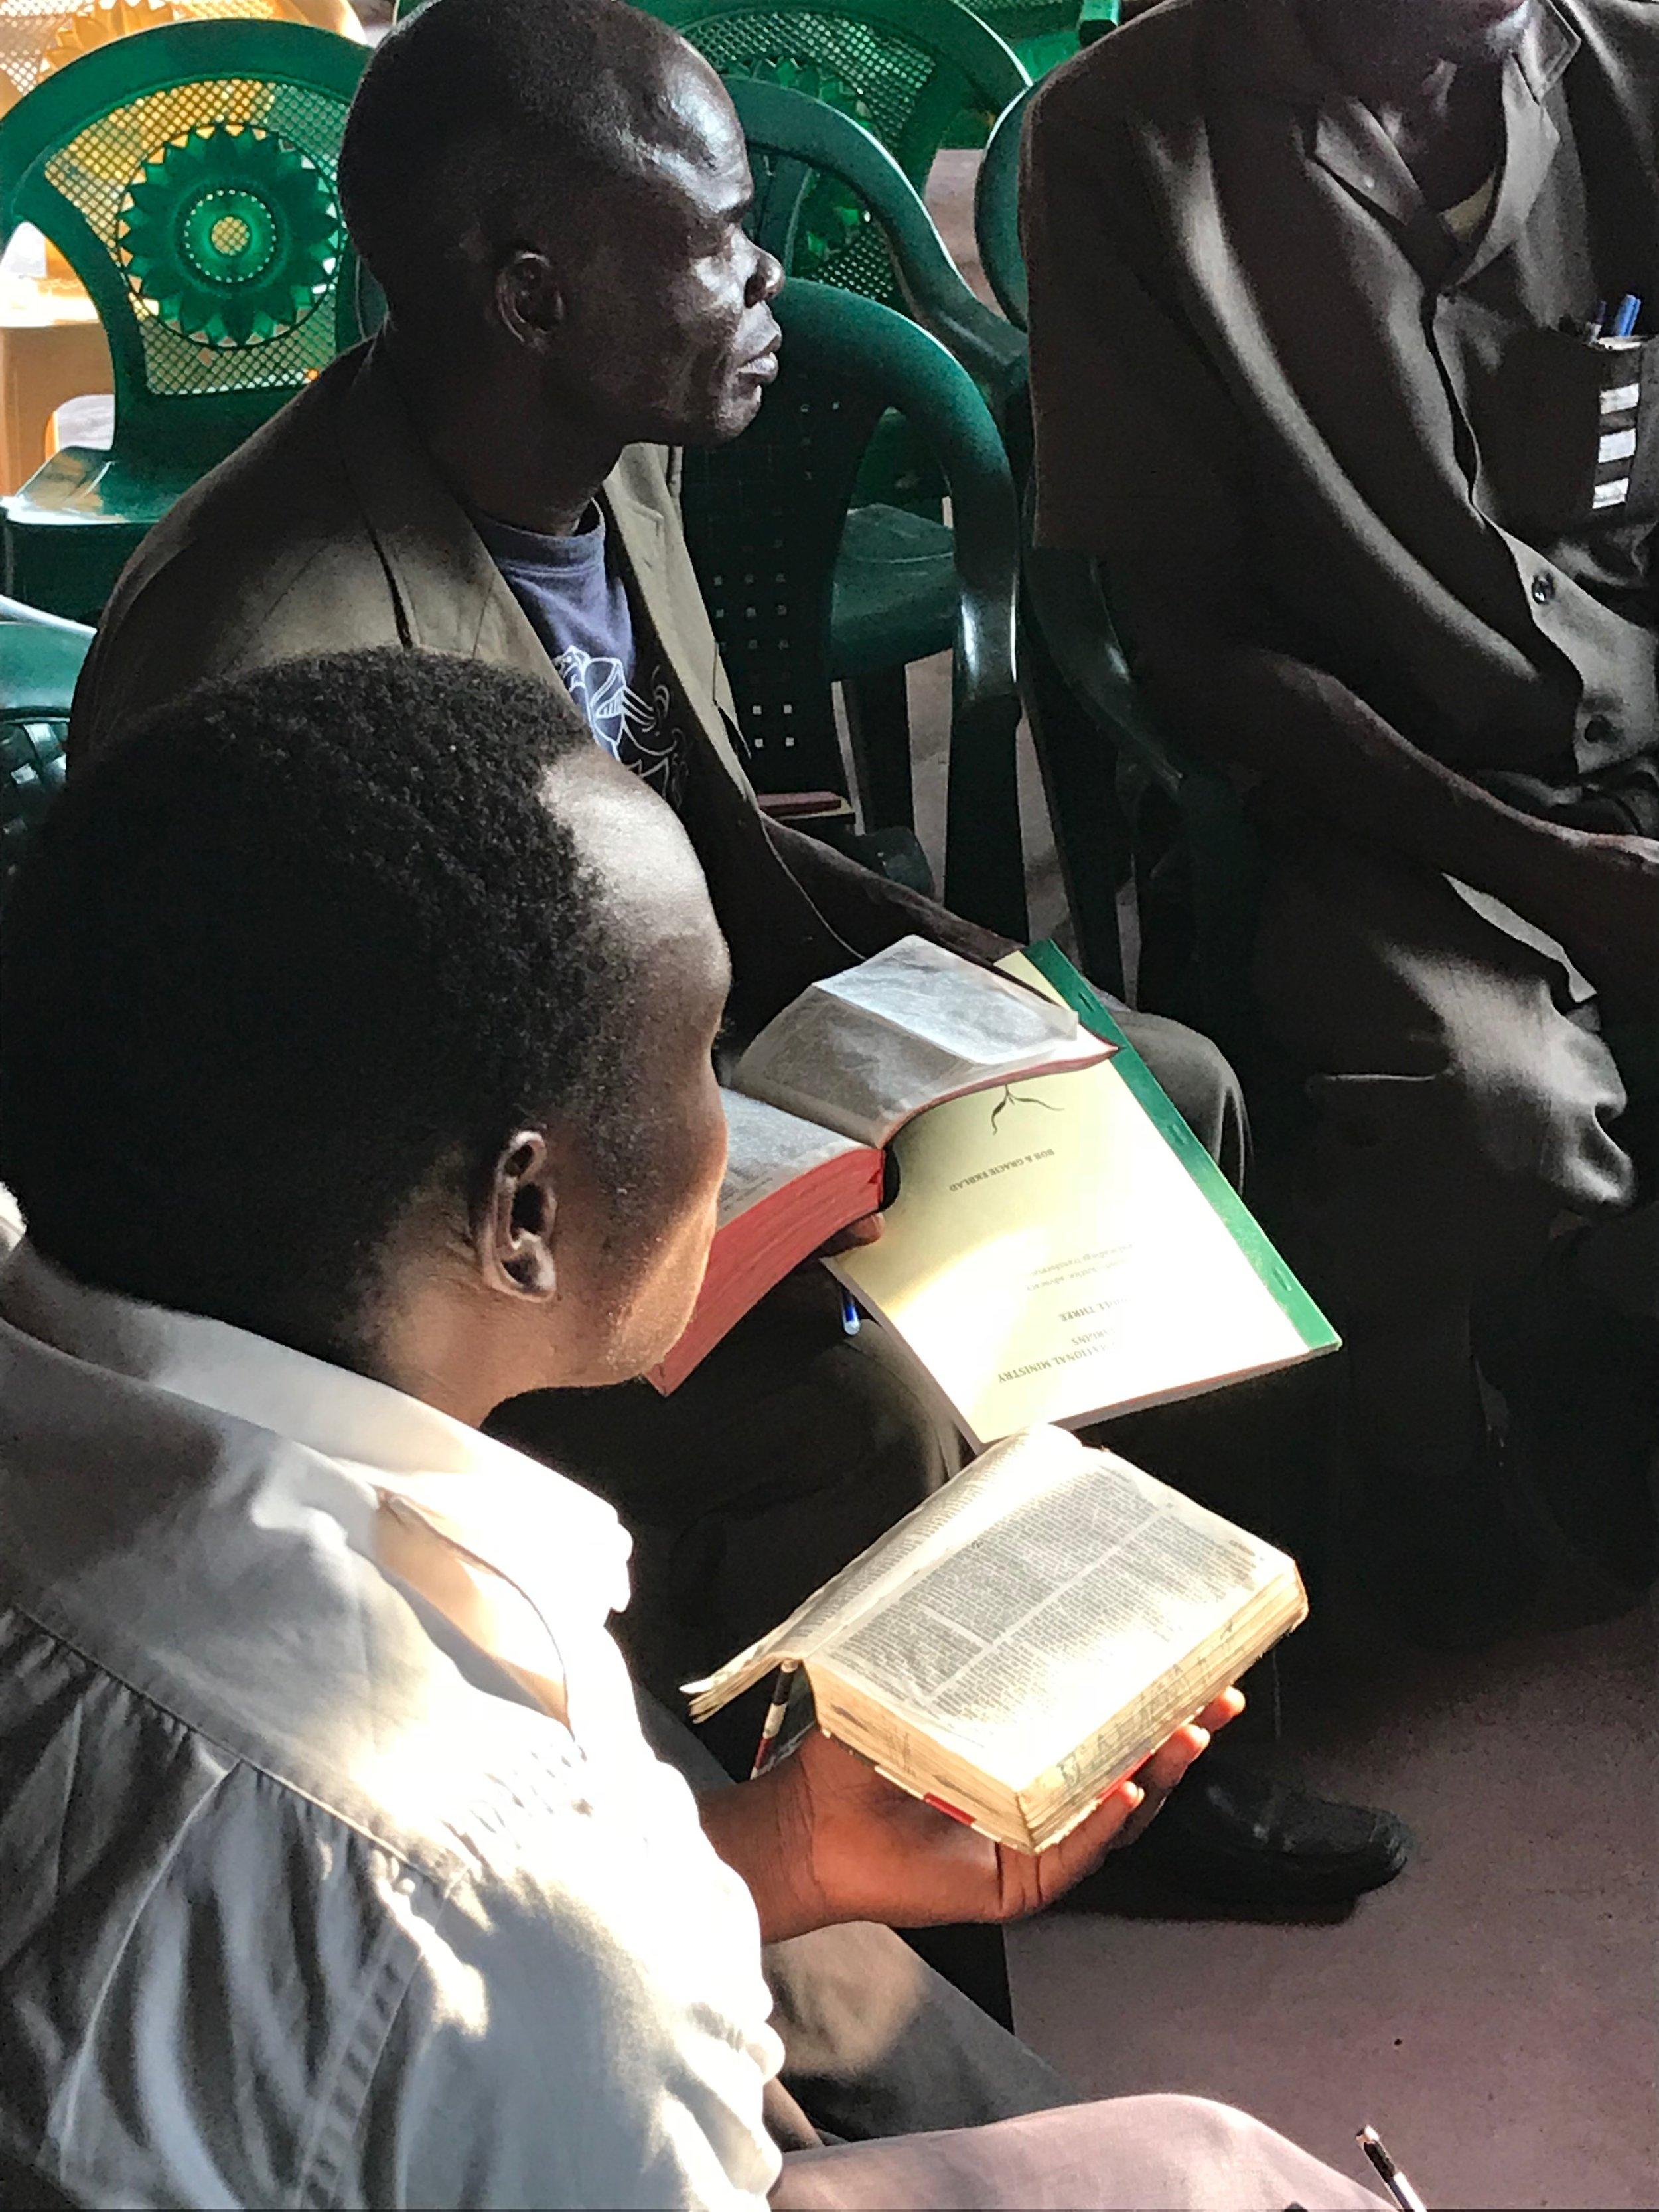 pastors discussing2.jpg